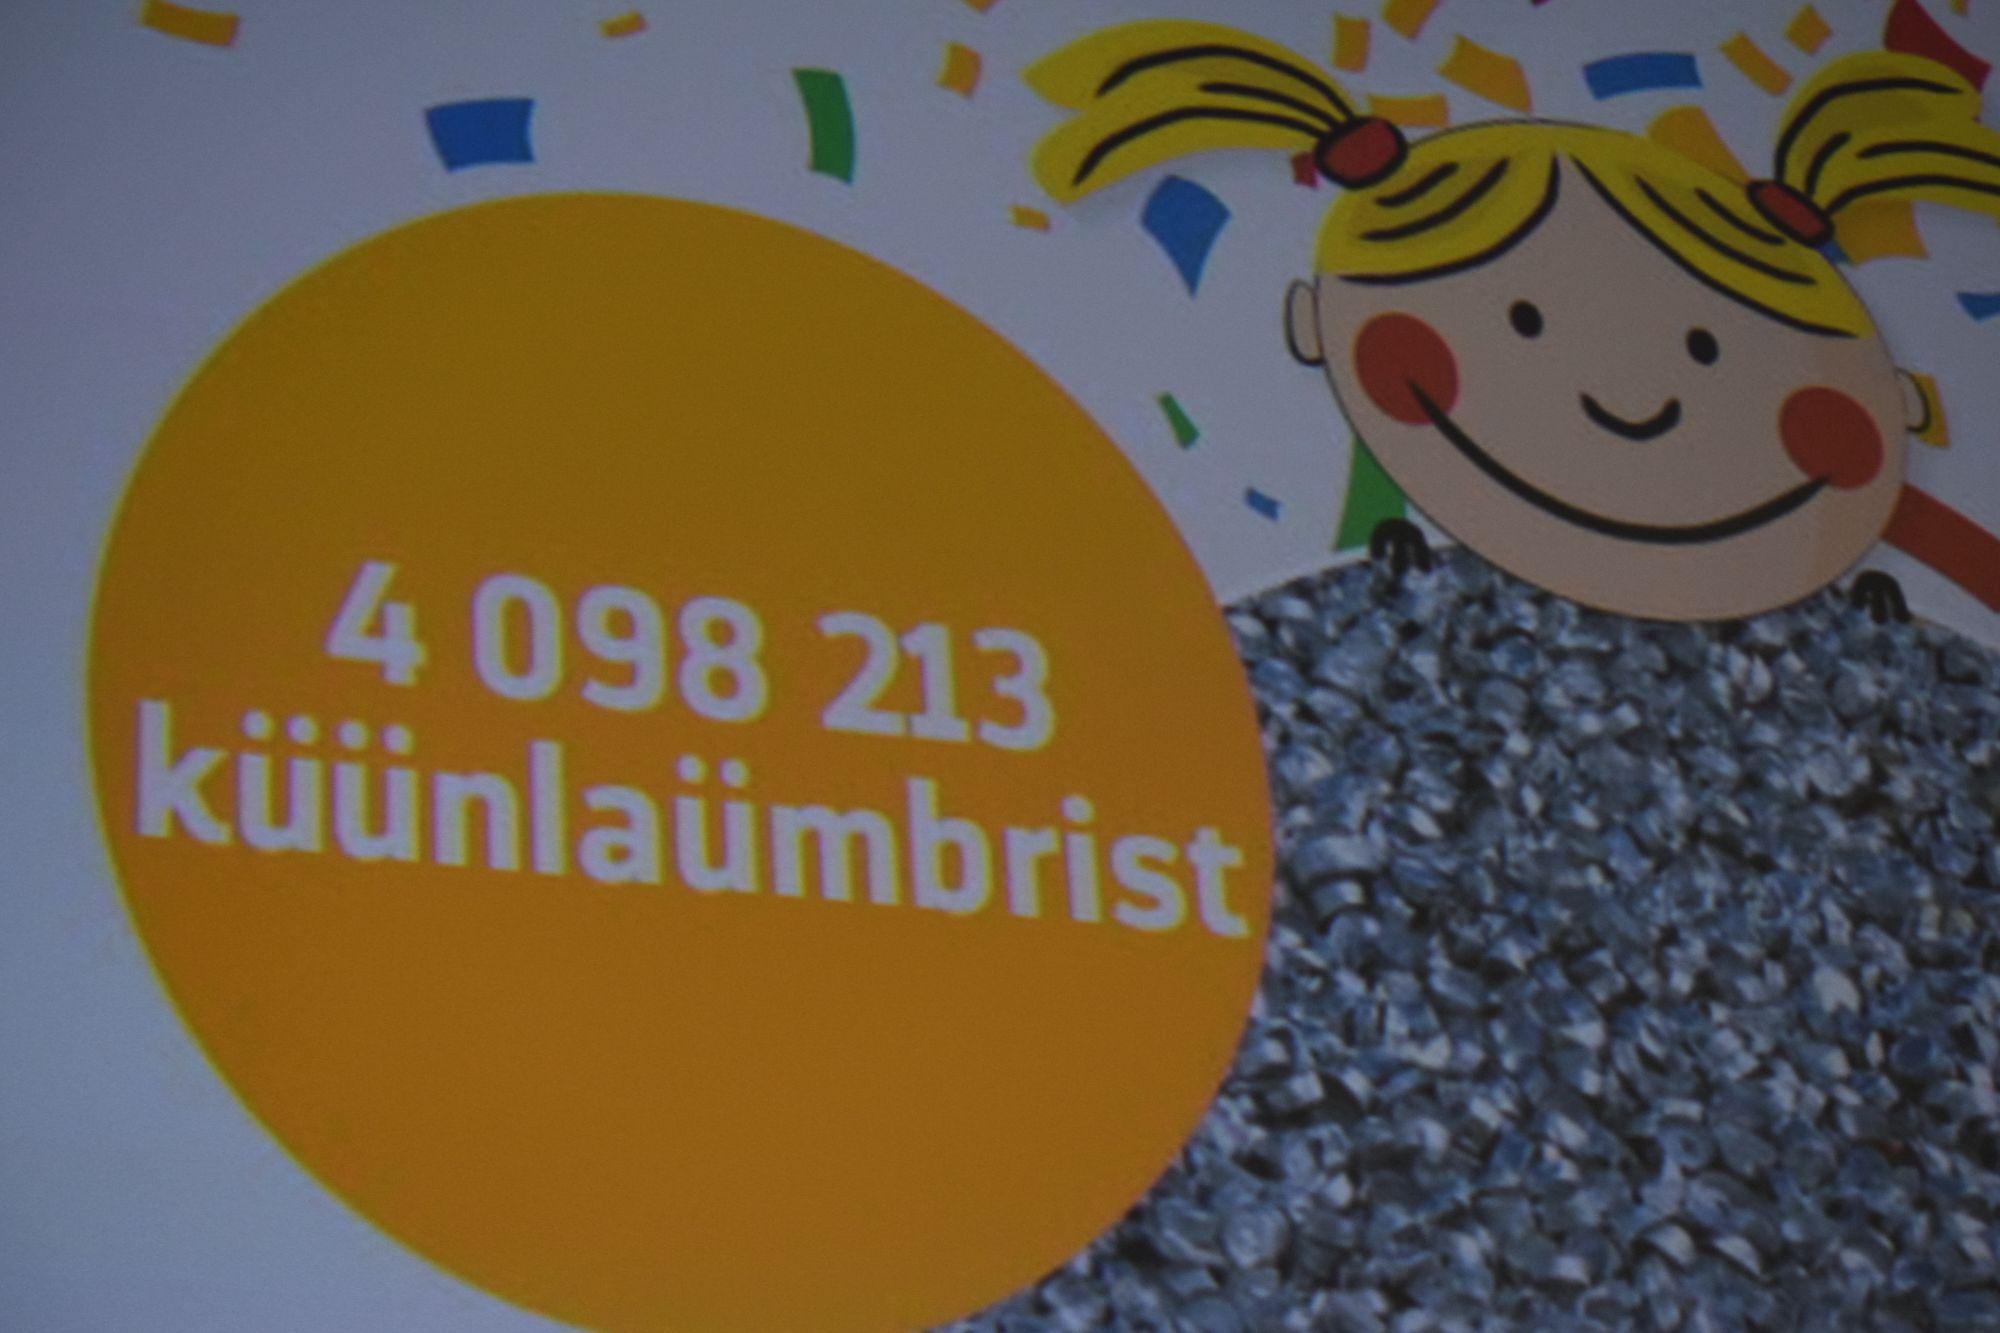 Meie lapsed kogusid kokku 4,1 miljonit teeküünlaümbrist ja 878 000 kasutatud patareid